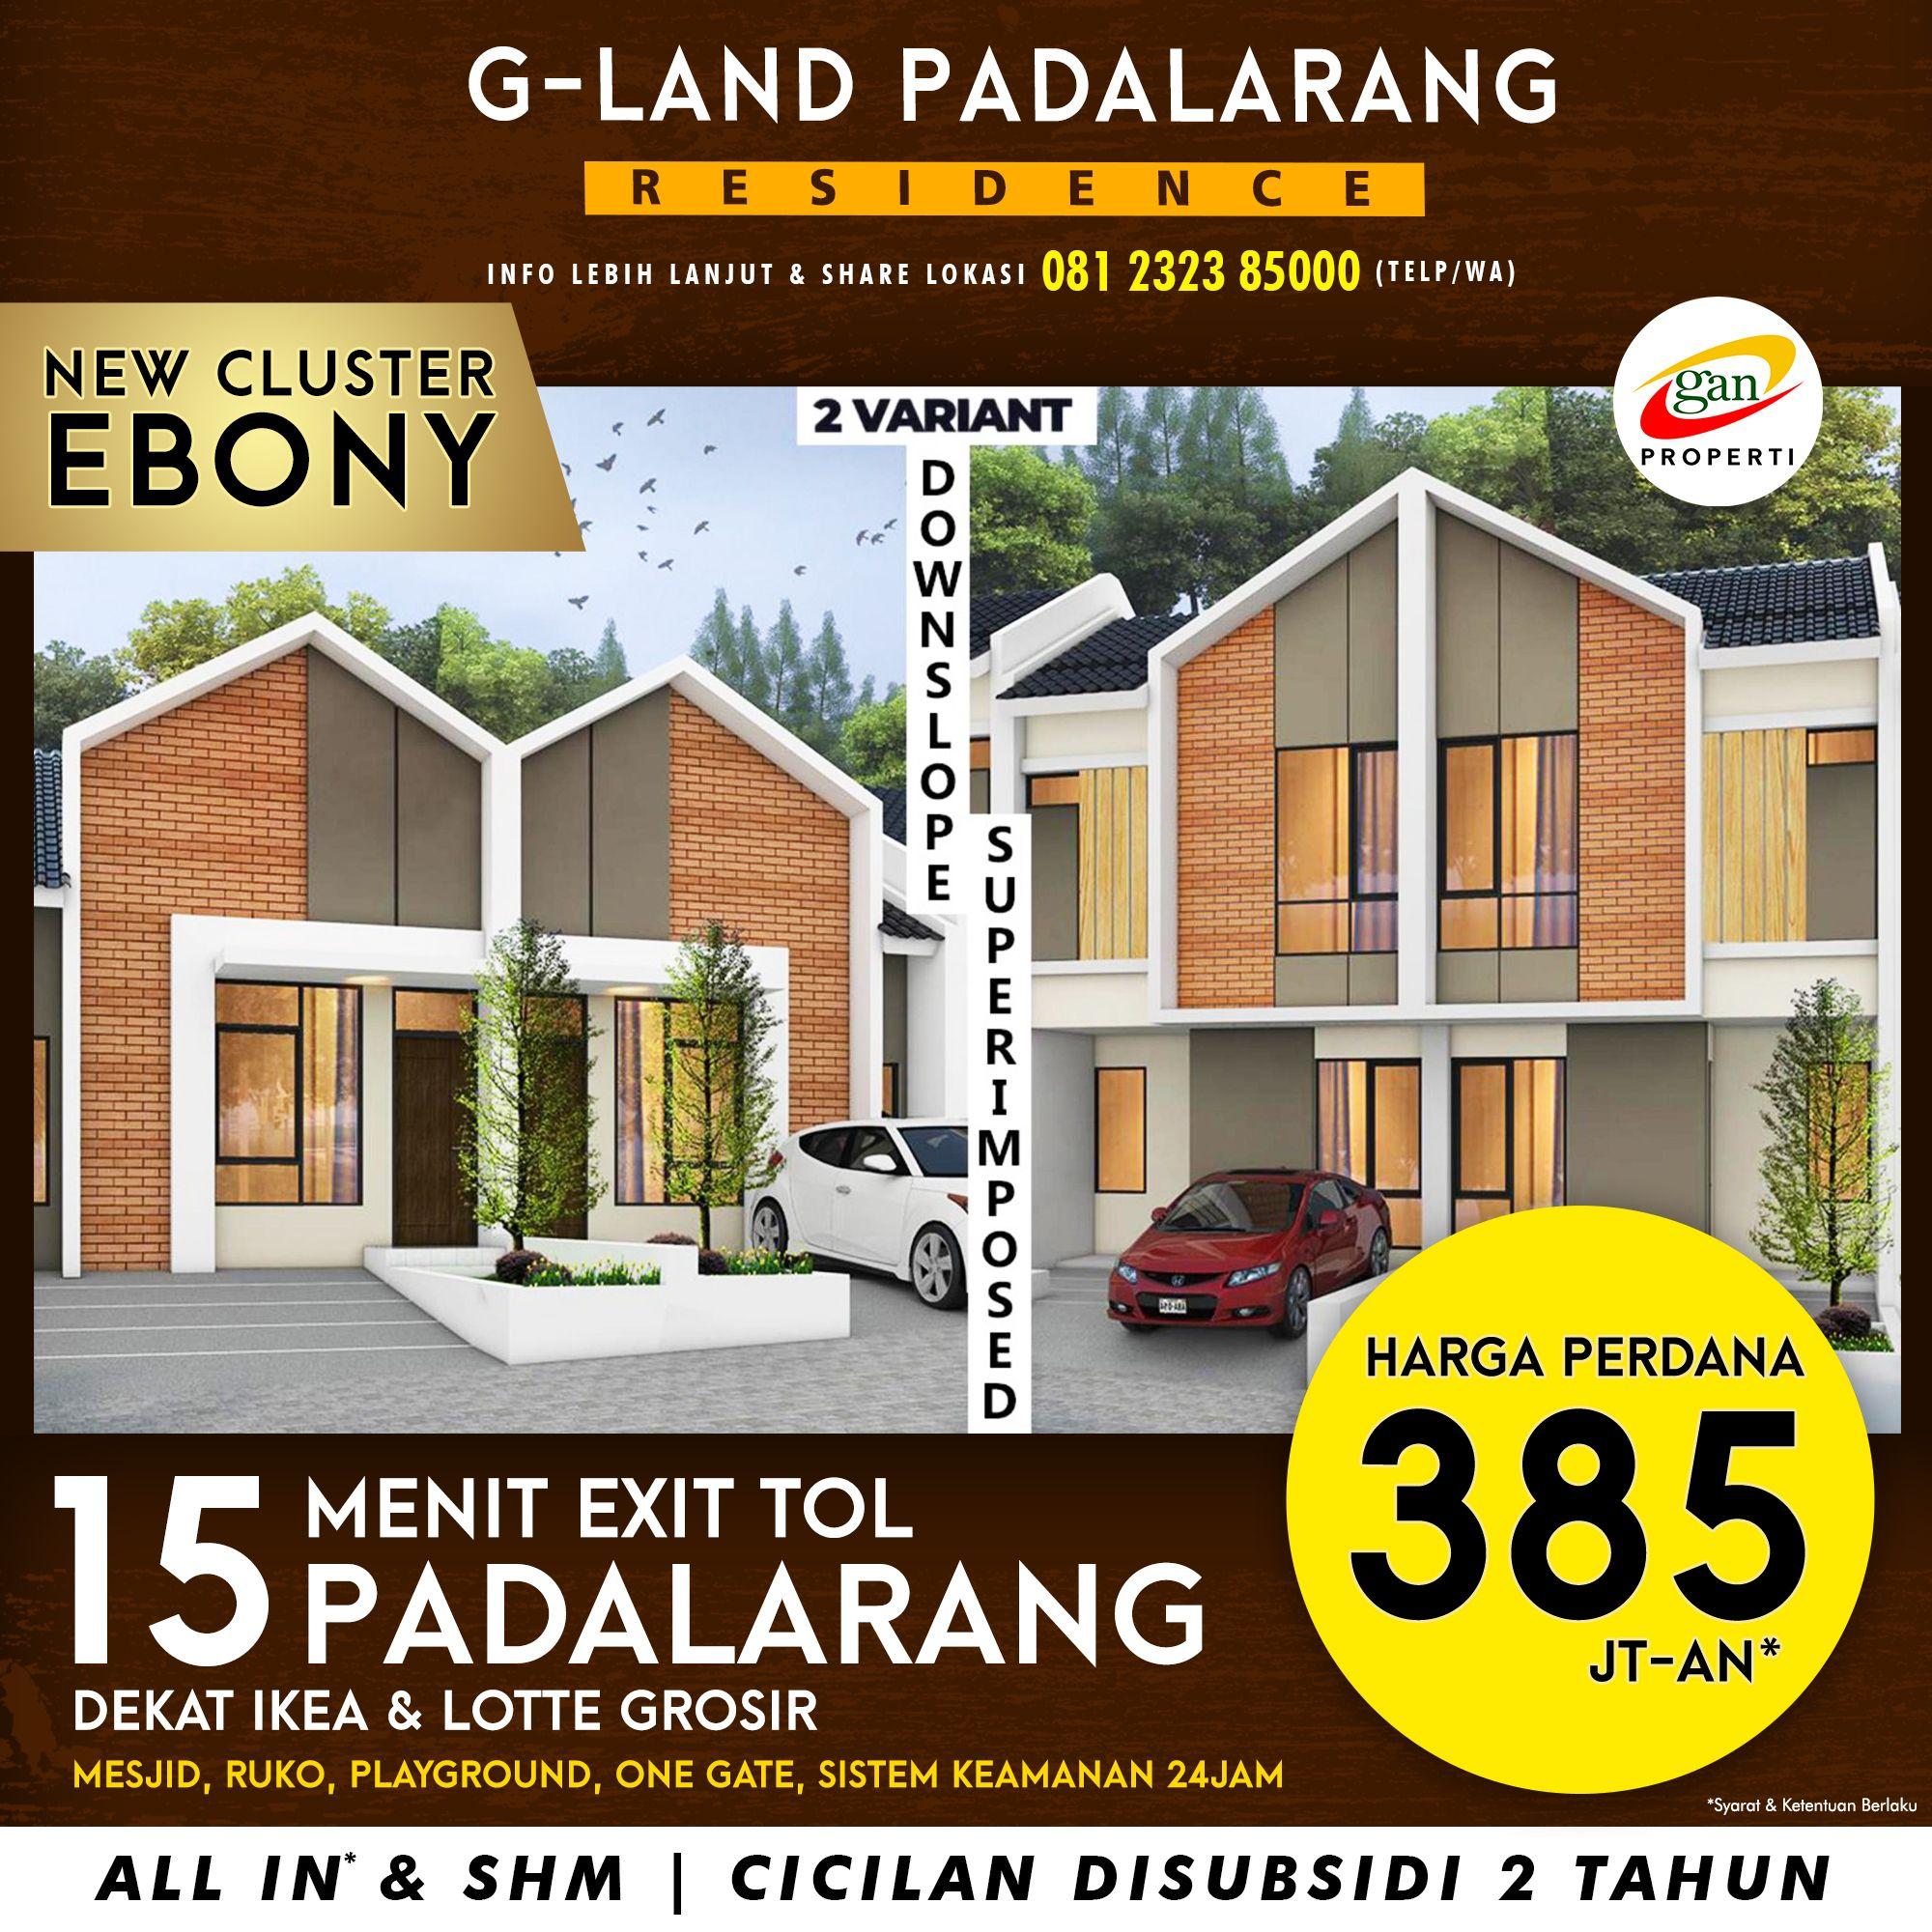 Rumah Bandung Barat Padalarang Jayamekar Cluster Ebony 2 Lantai Harga Murah Terjangkau Cicilan Rumah Ikea Kota Bandung